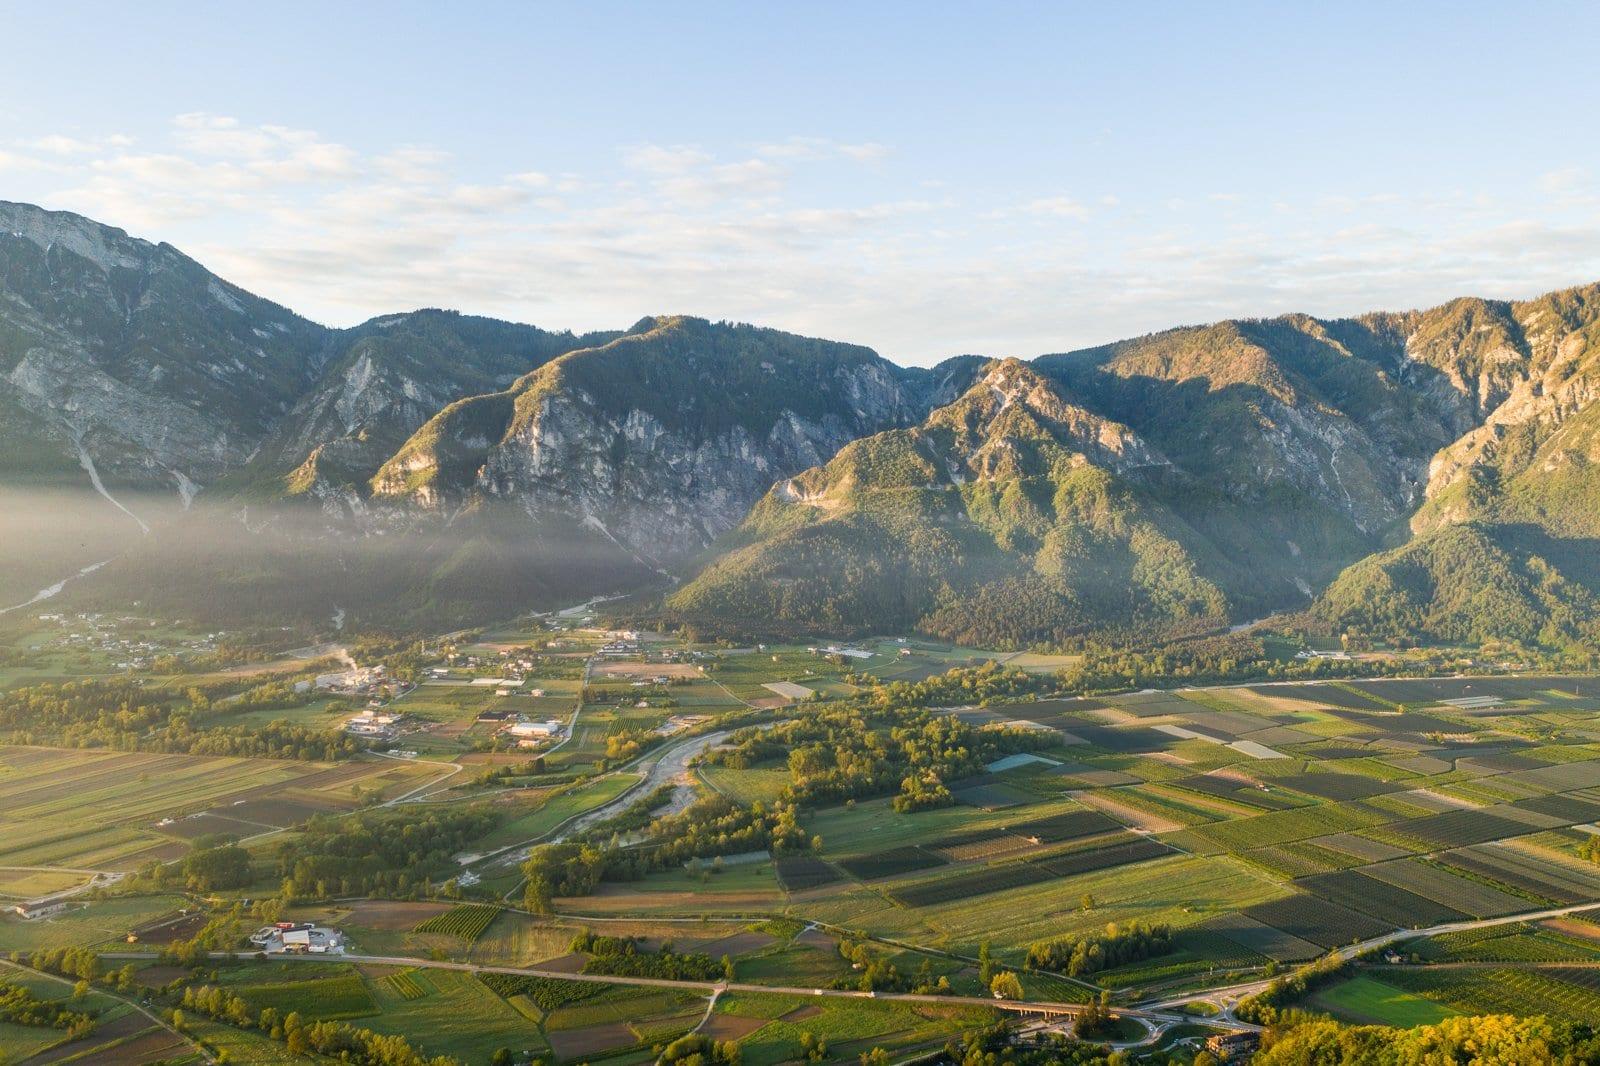 Dit zijn de leukste tips en bezienswaardigheden voor Valsugana in Trentino in het noorden van Italië!